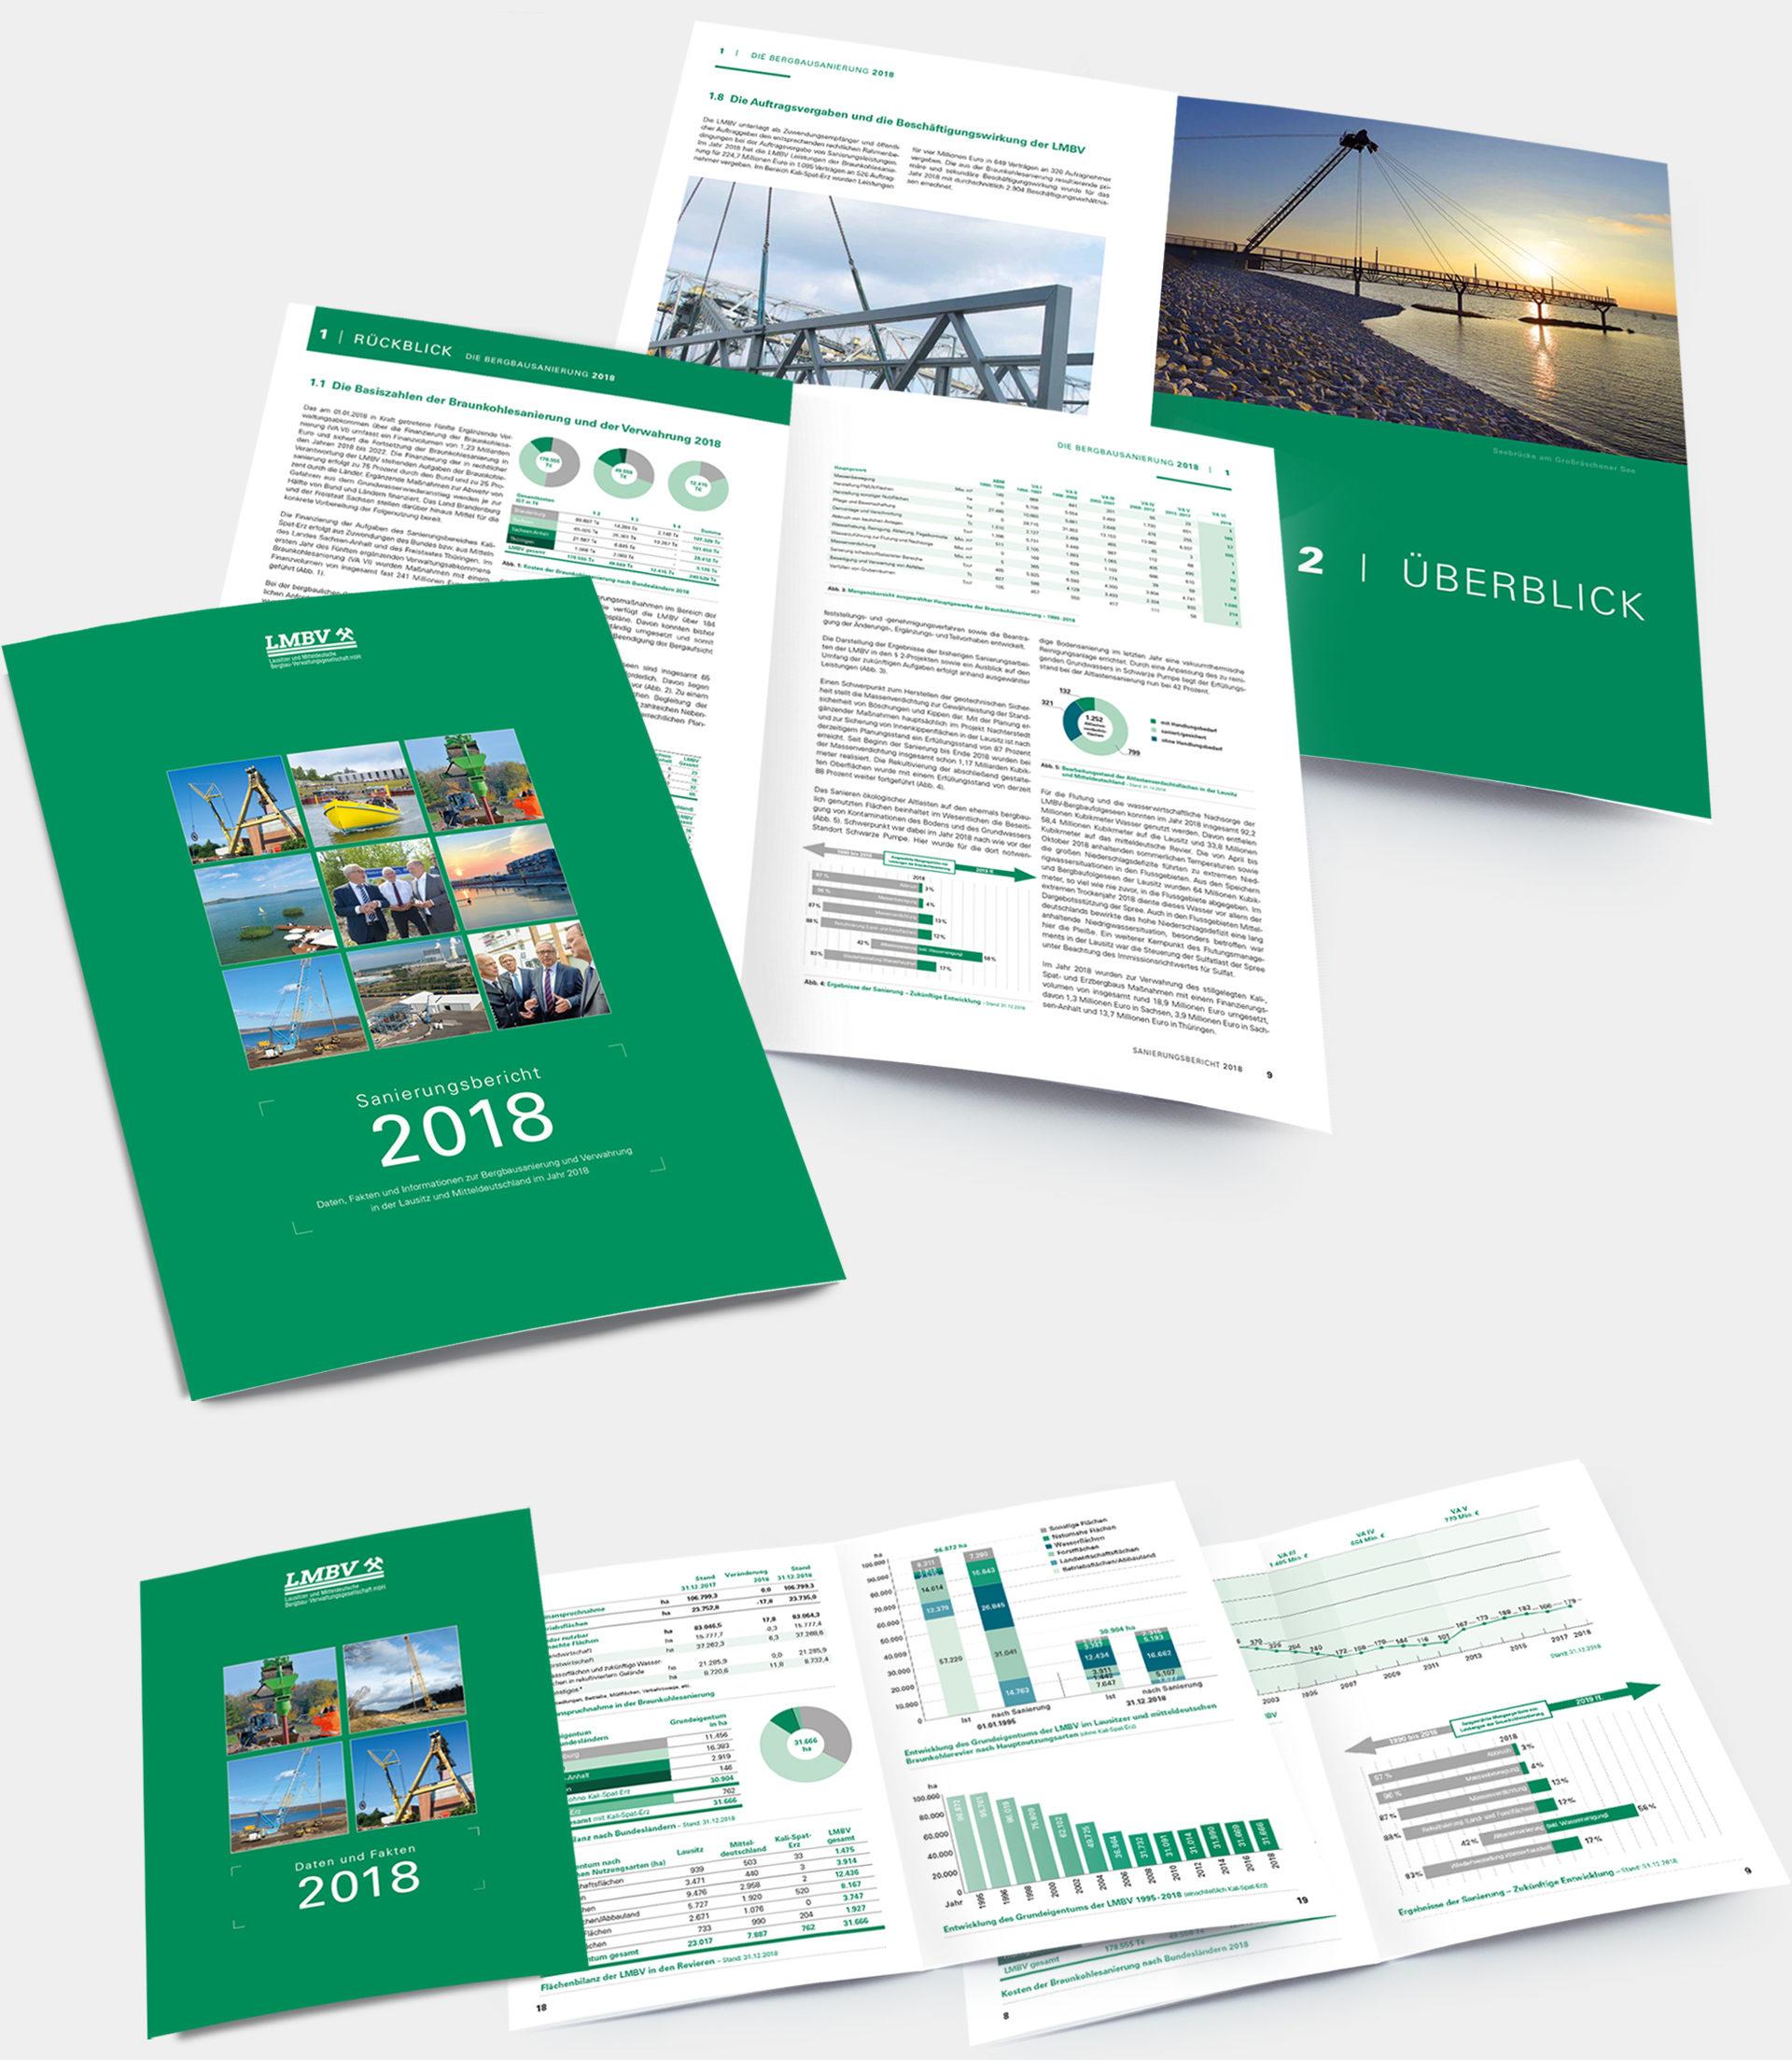 LMBV Sanierungsbericht und Daten und Fakten 2018